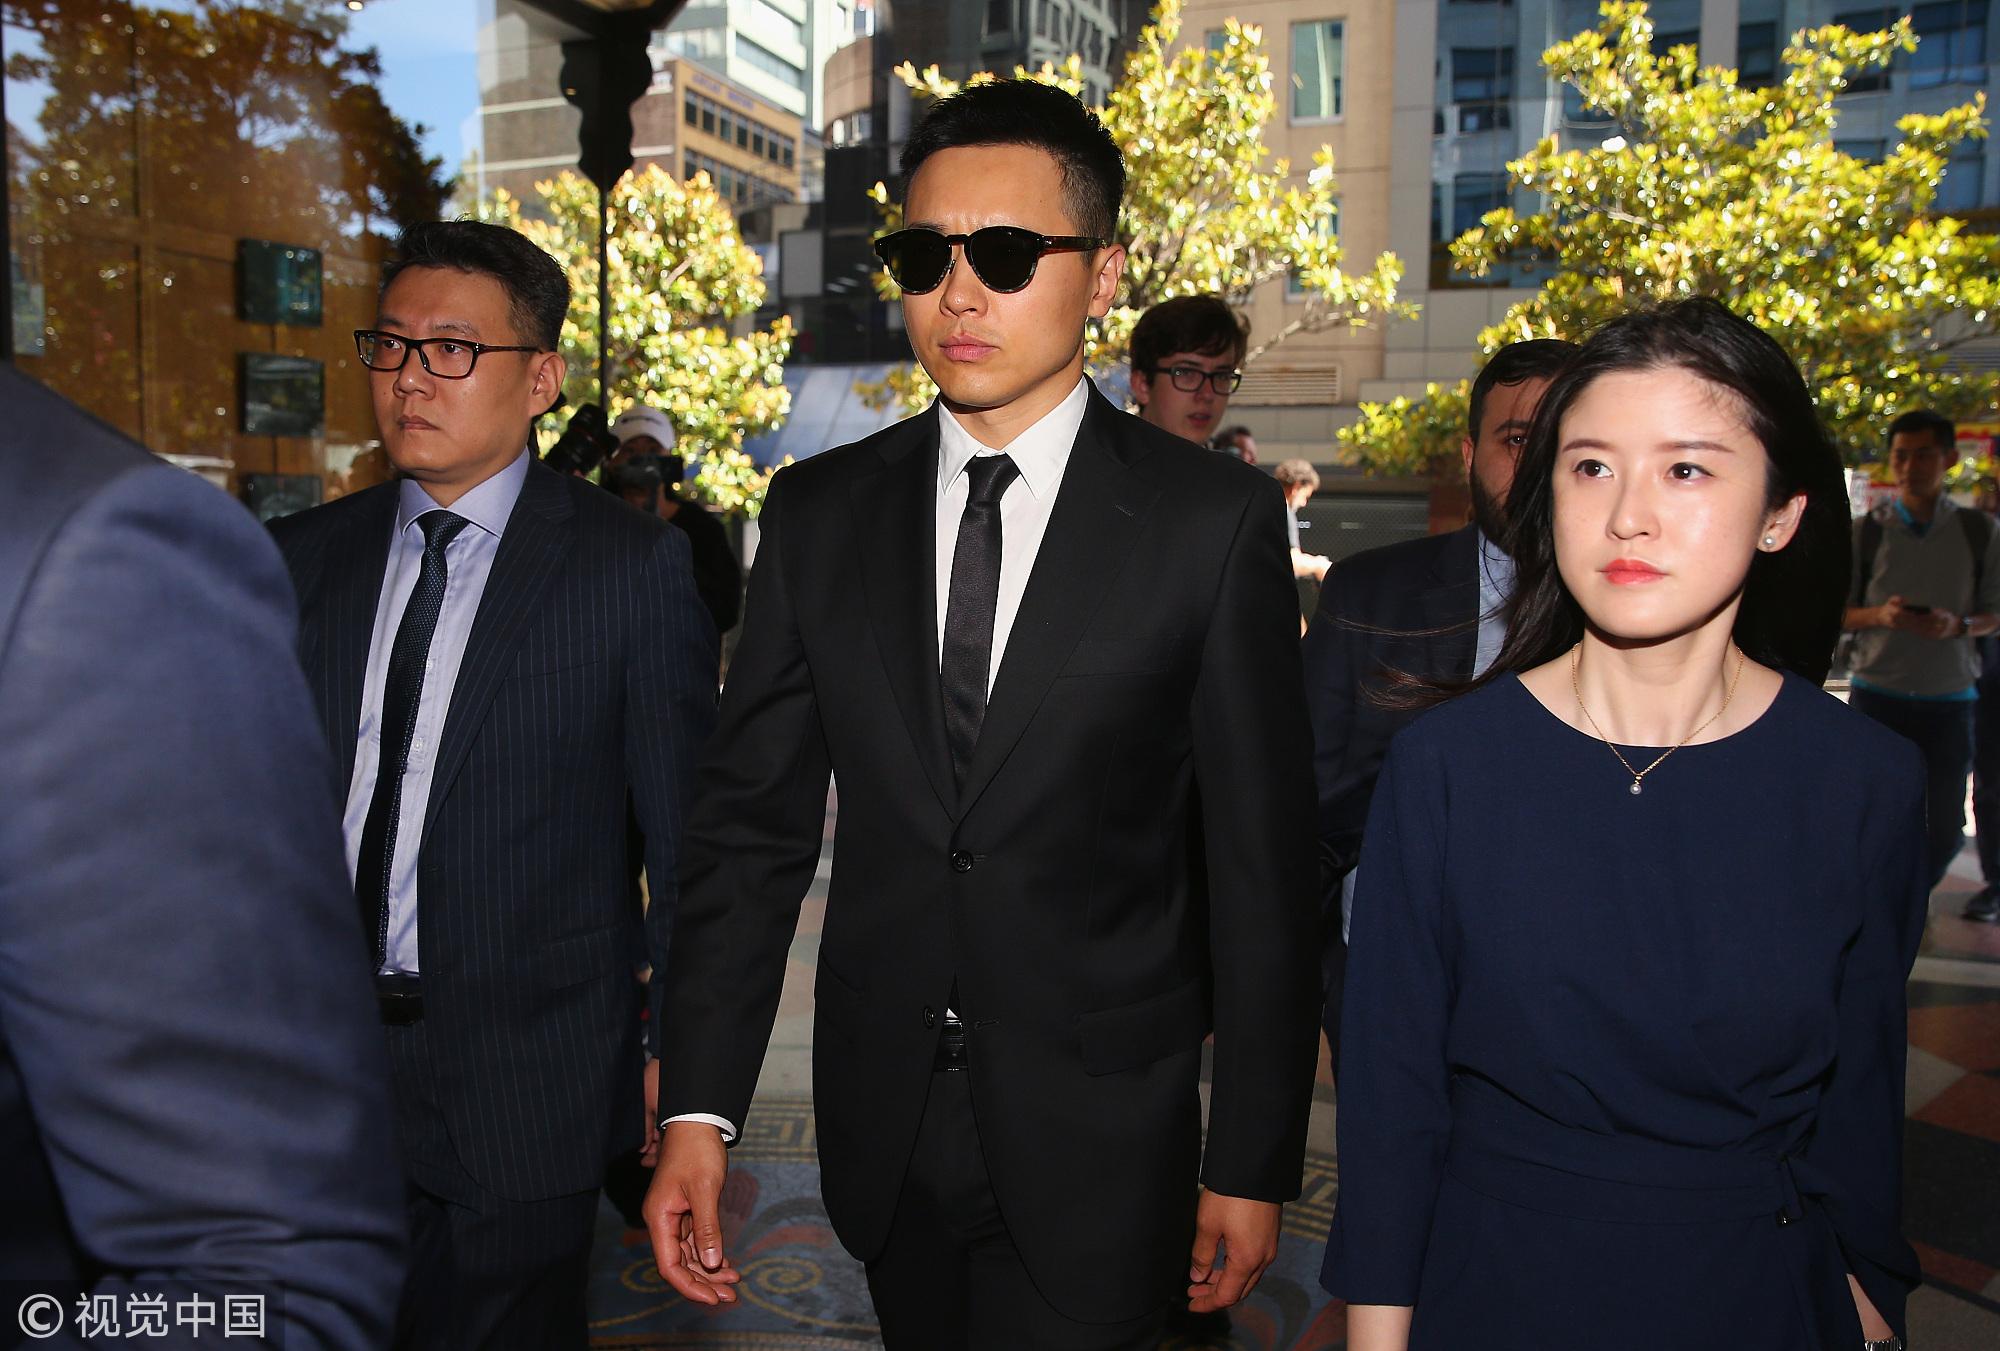 高云翔黑色西装现身 检方将审理期延至1月